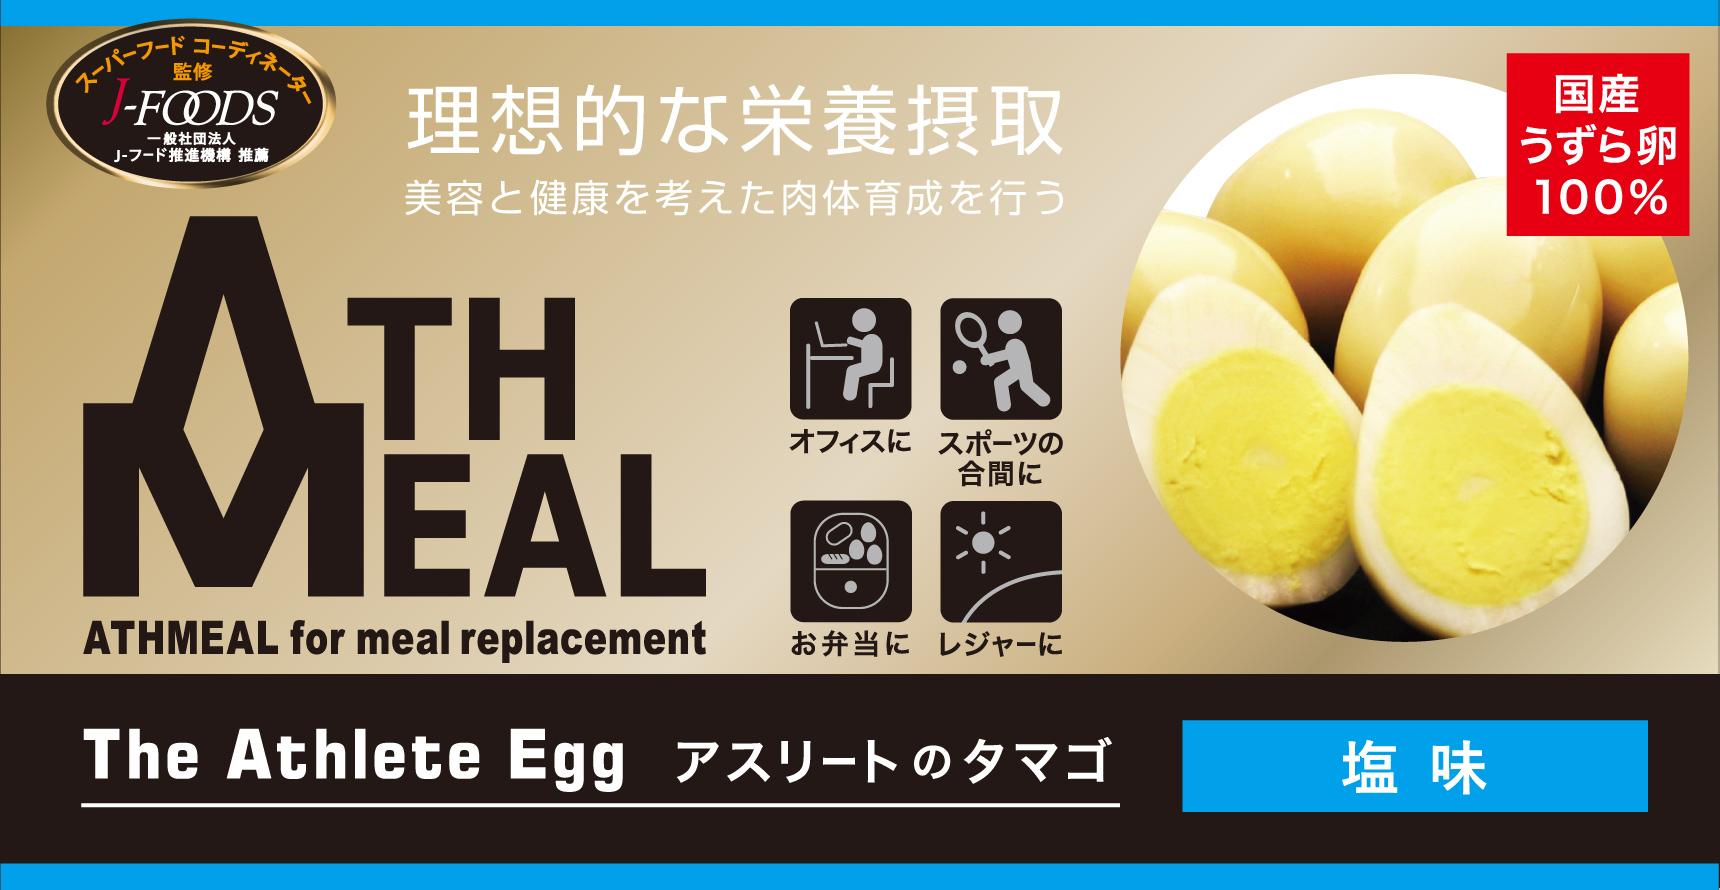 理想的な栄養摂取 美容と健康を考えた肉体育成を行う ATHMEAL 国産うずら卵100% オフィスに スポーツの合間に お弁当に レジャーに The Athlete Egg アスリートのタマゴ 塩味